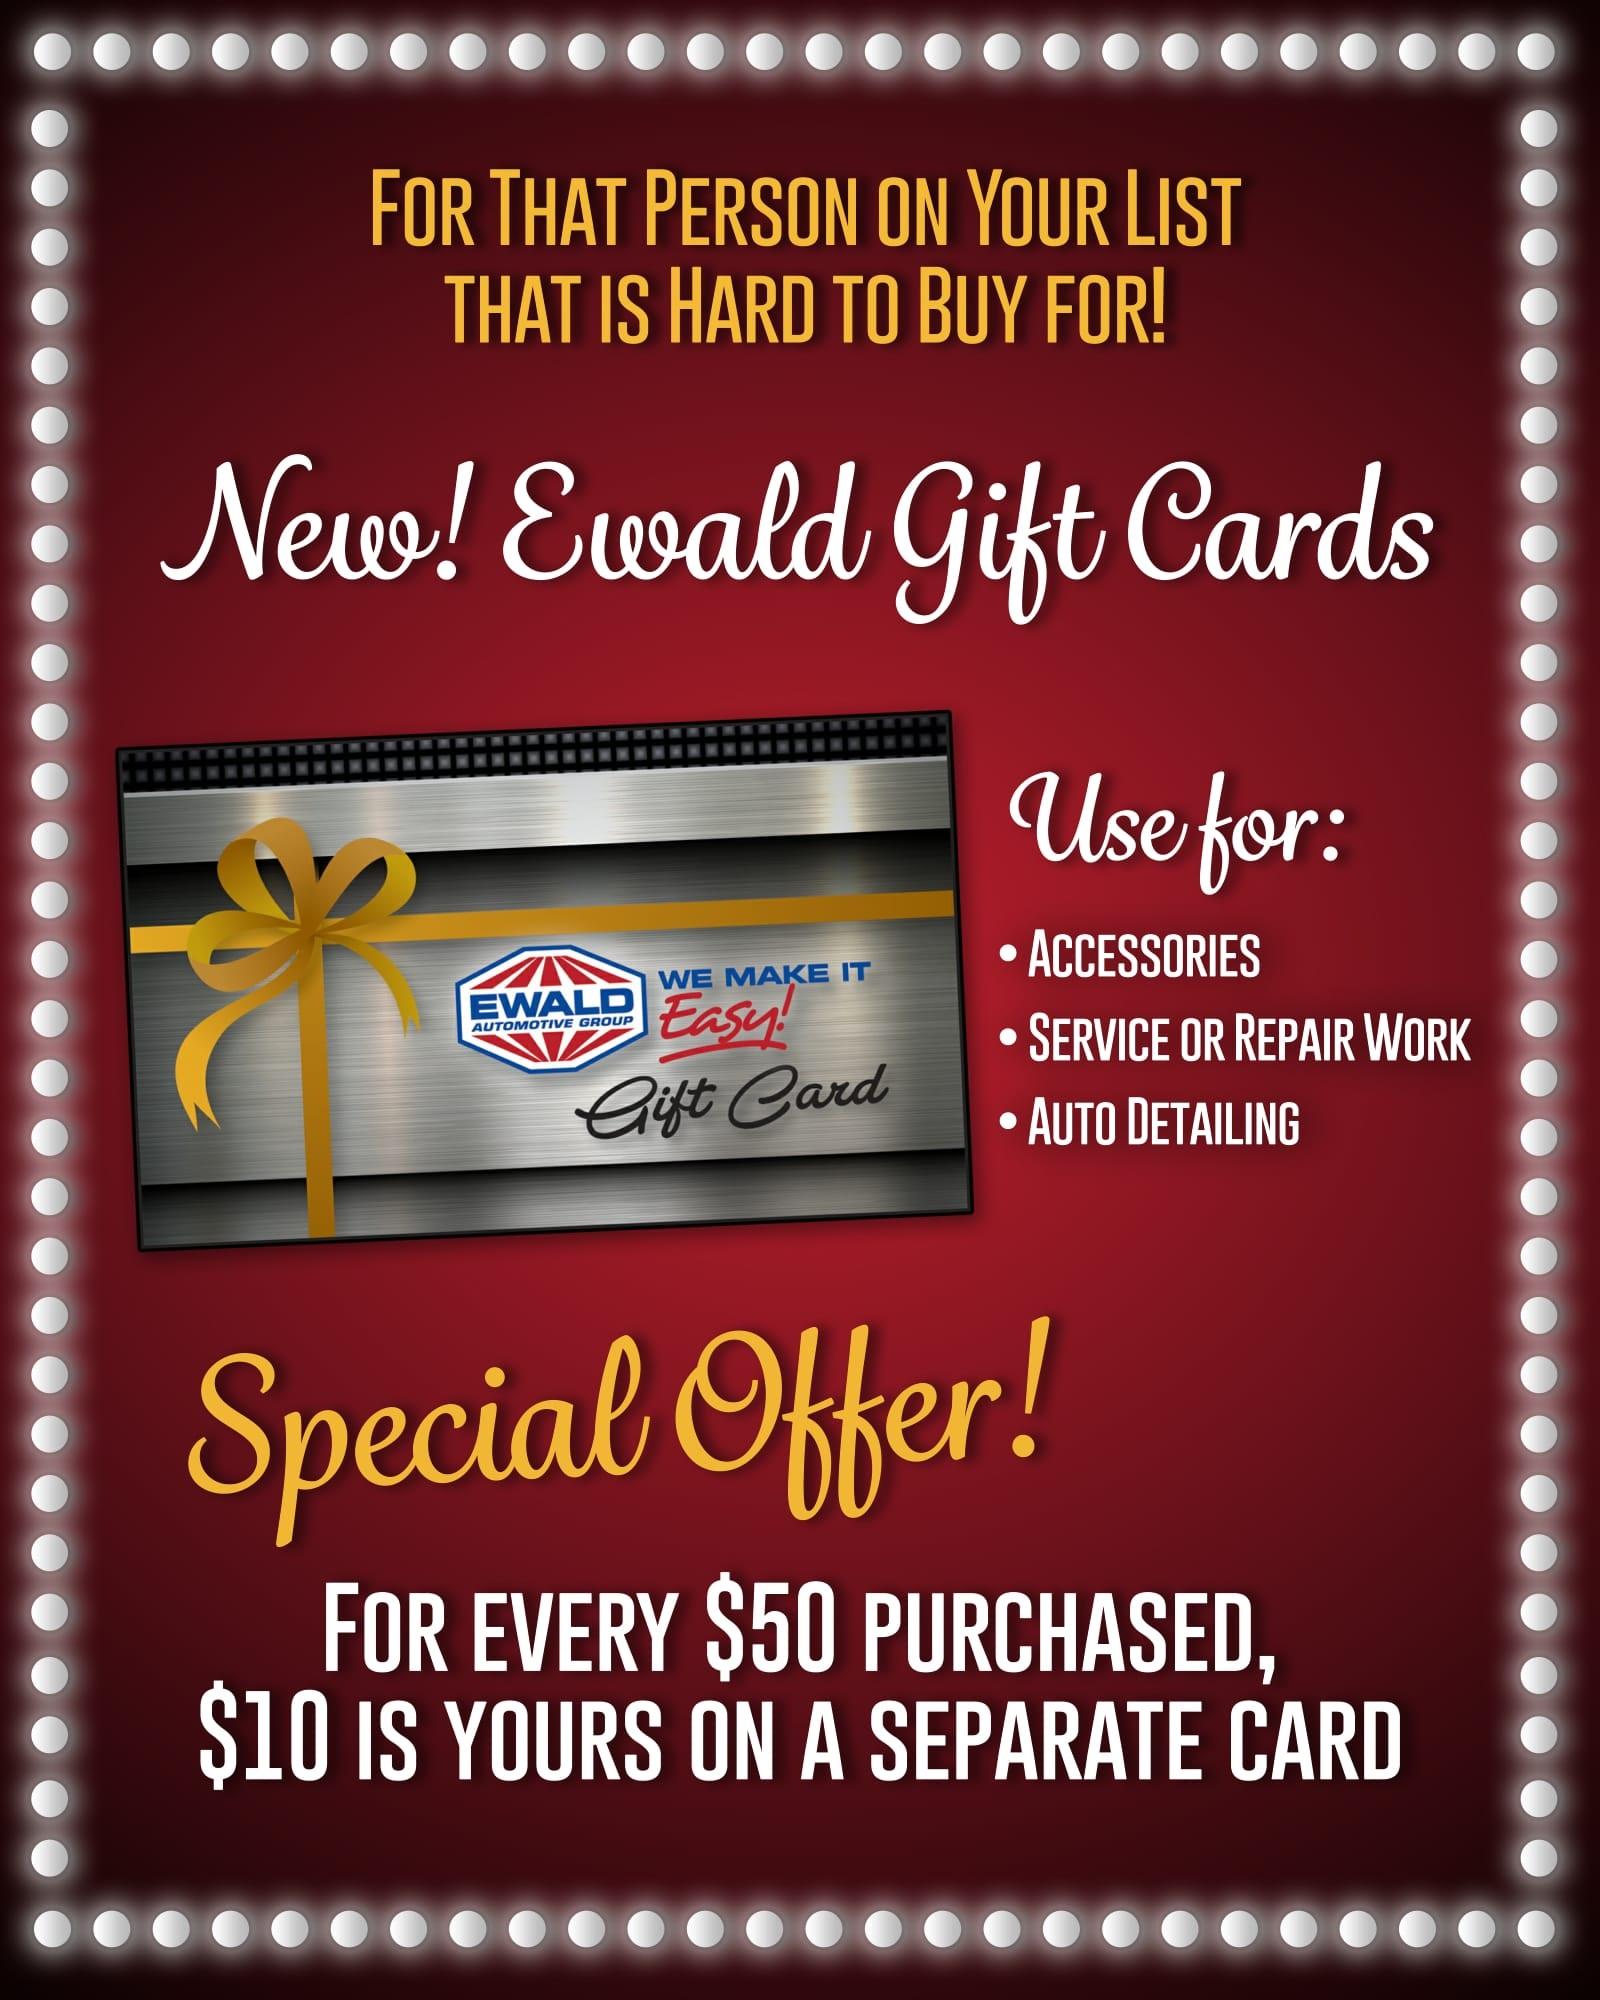 Ewald kia coupons